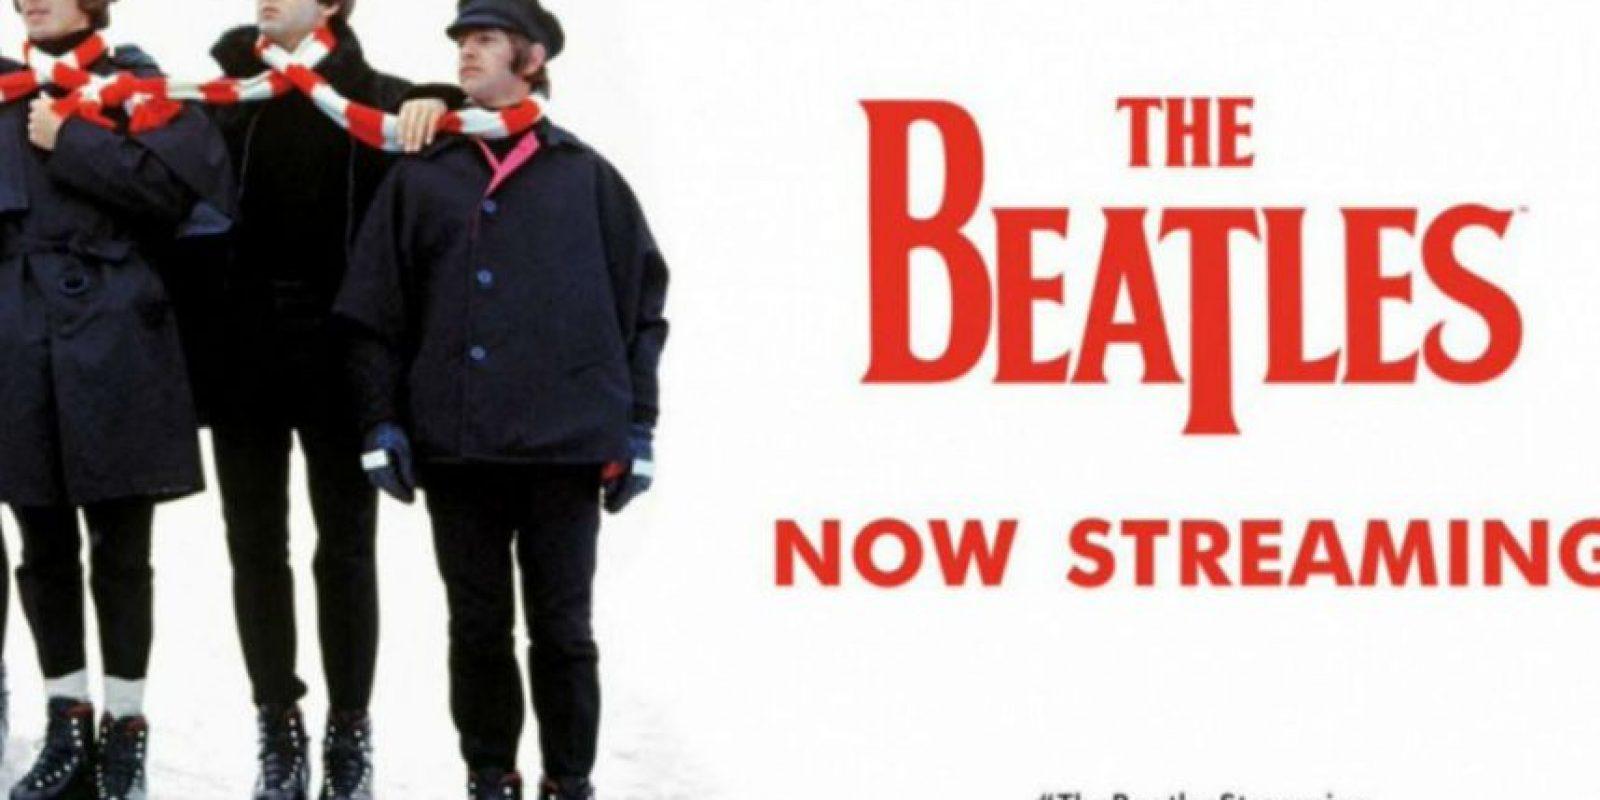 The Beatles ya tiene más de 250 millones de reproducciones en Spotify. Foto:Spotify